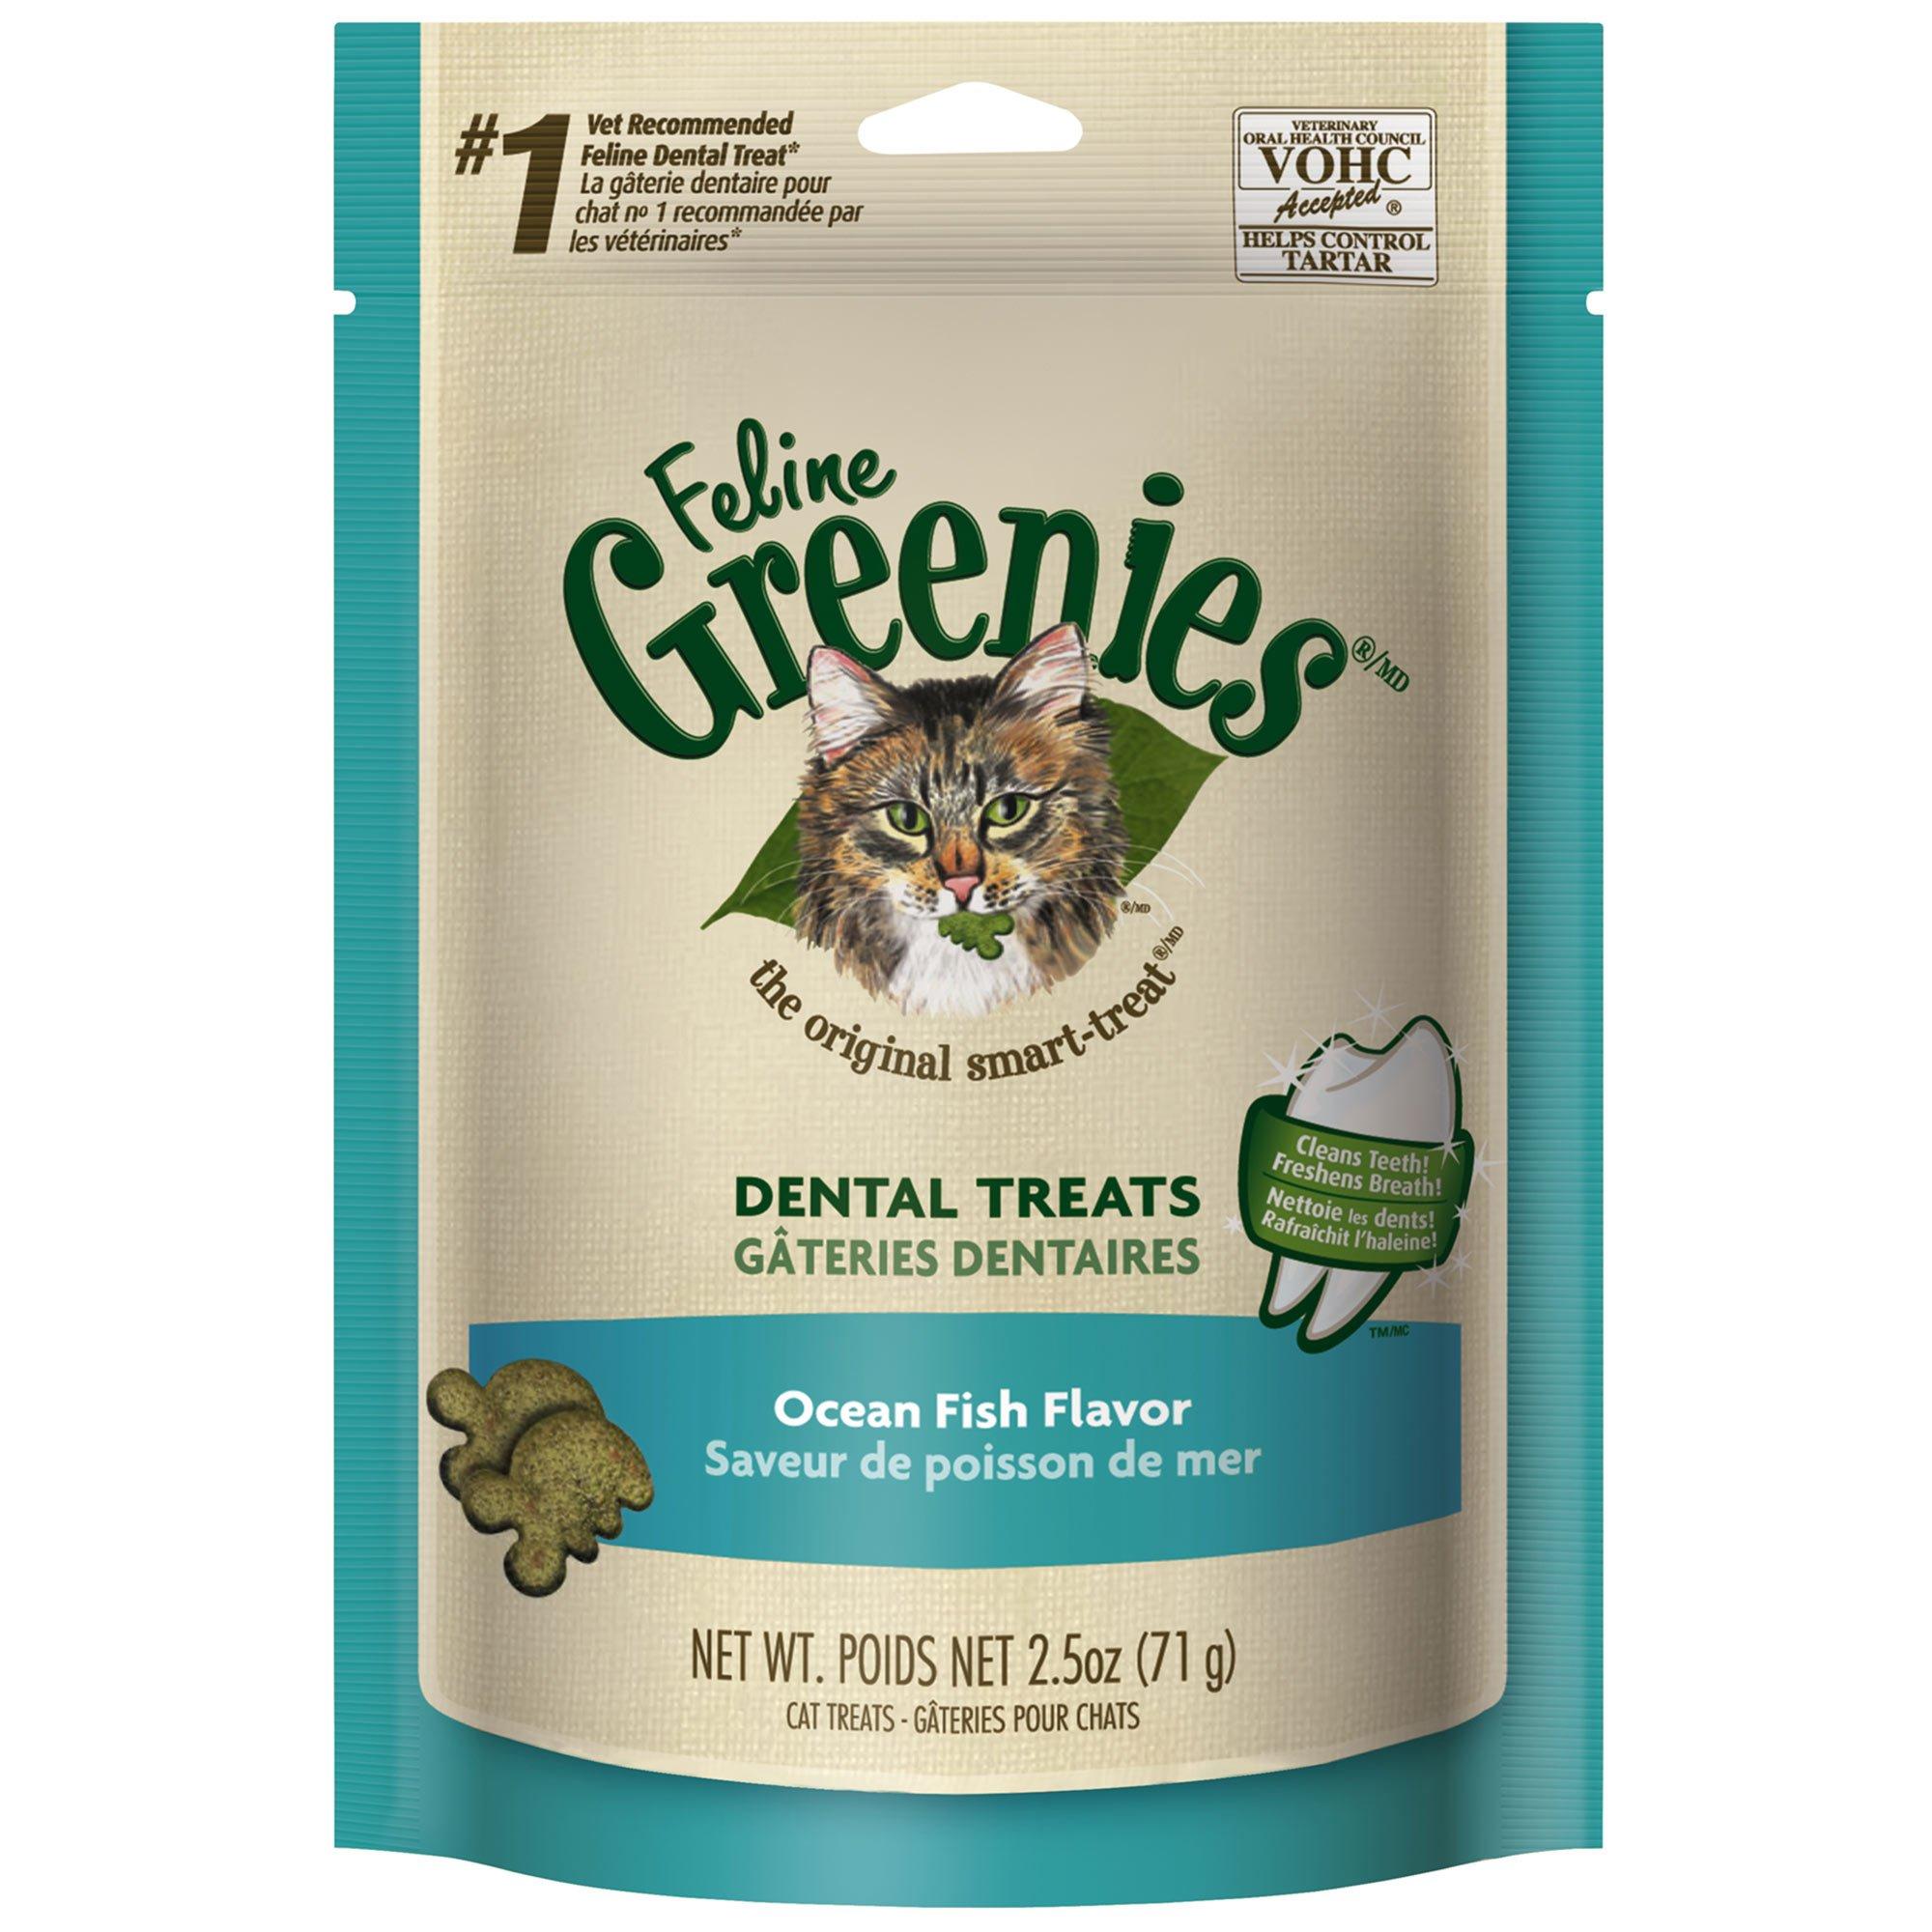 Feline Greenies Ocean Fish Flavor